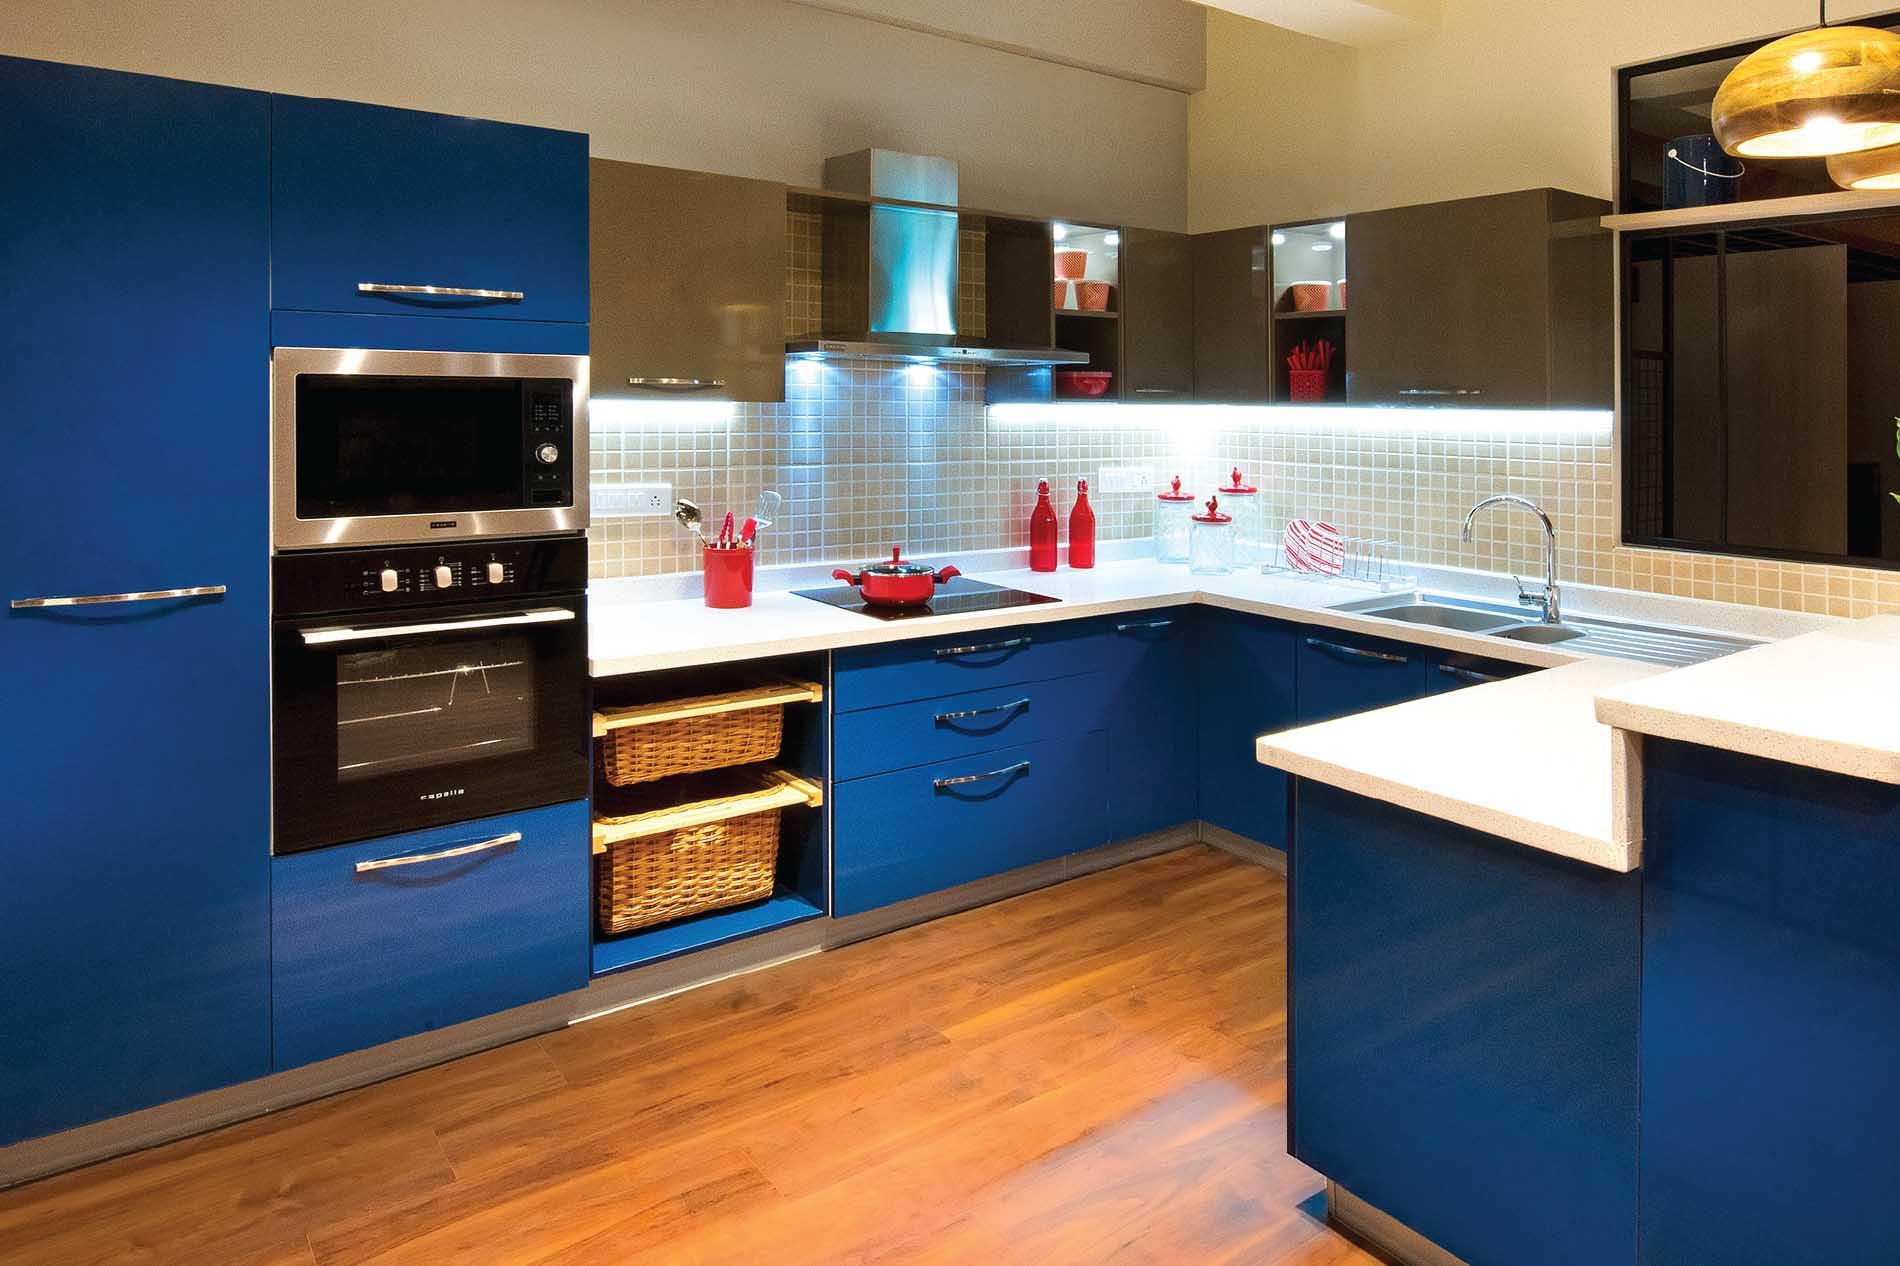 Interior Design For Home Full Solutions In 45 Days Homelane